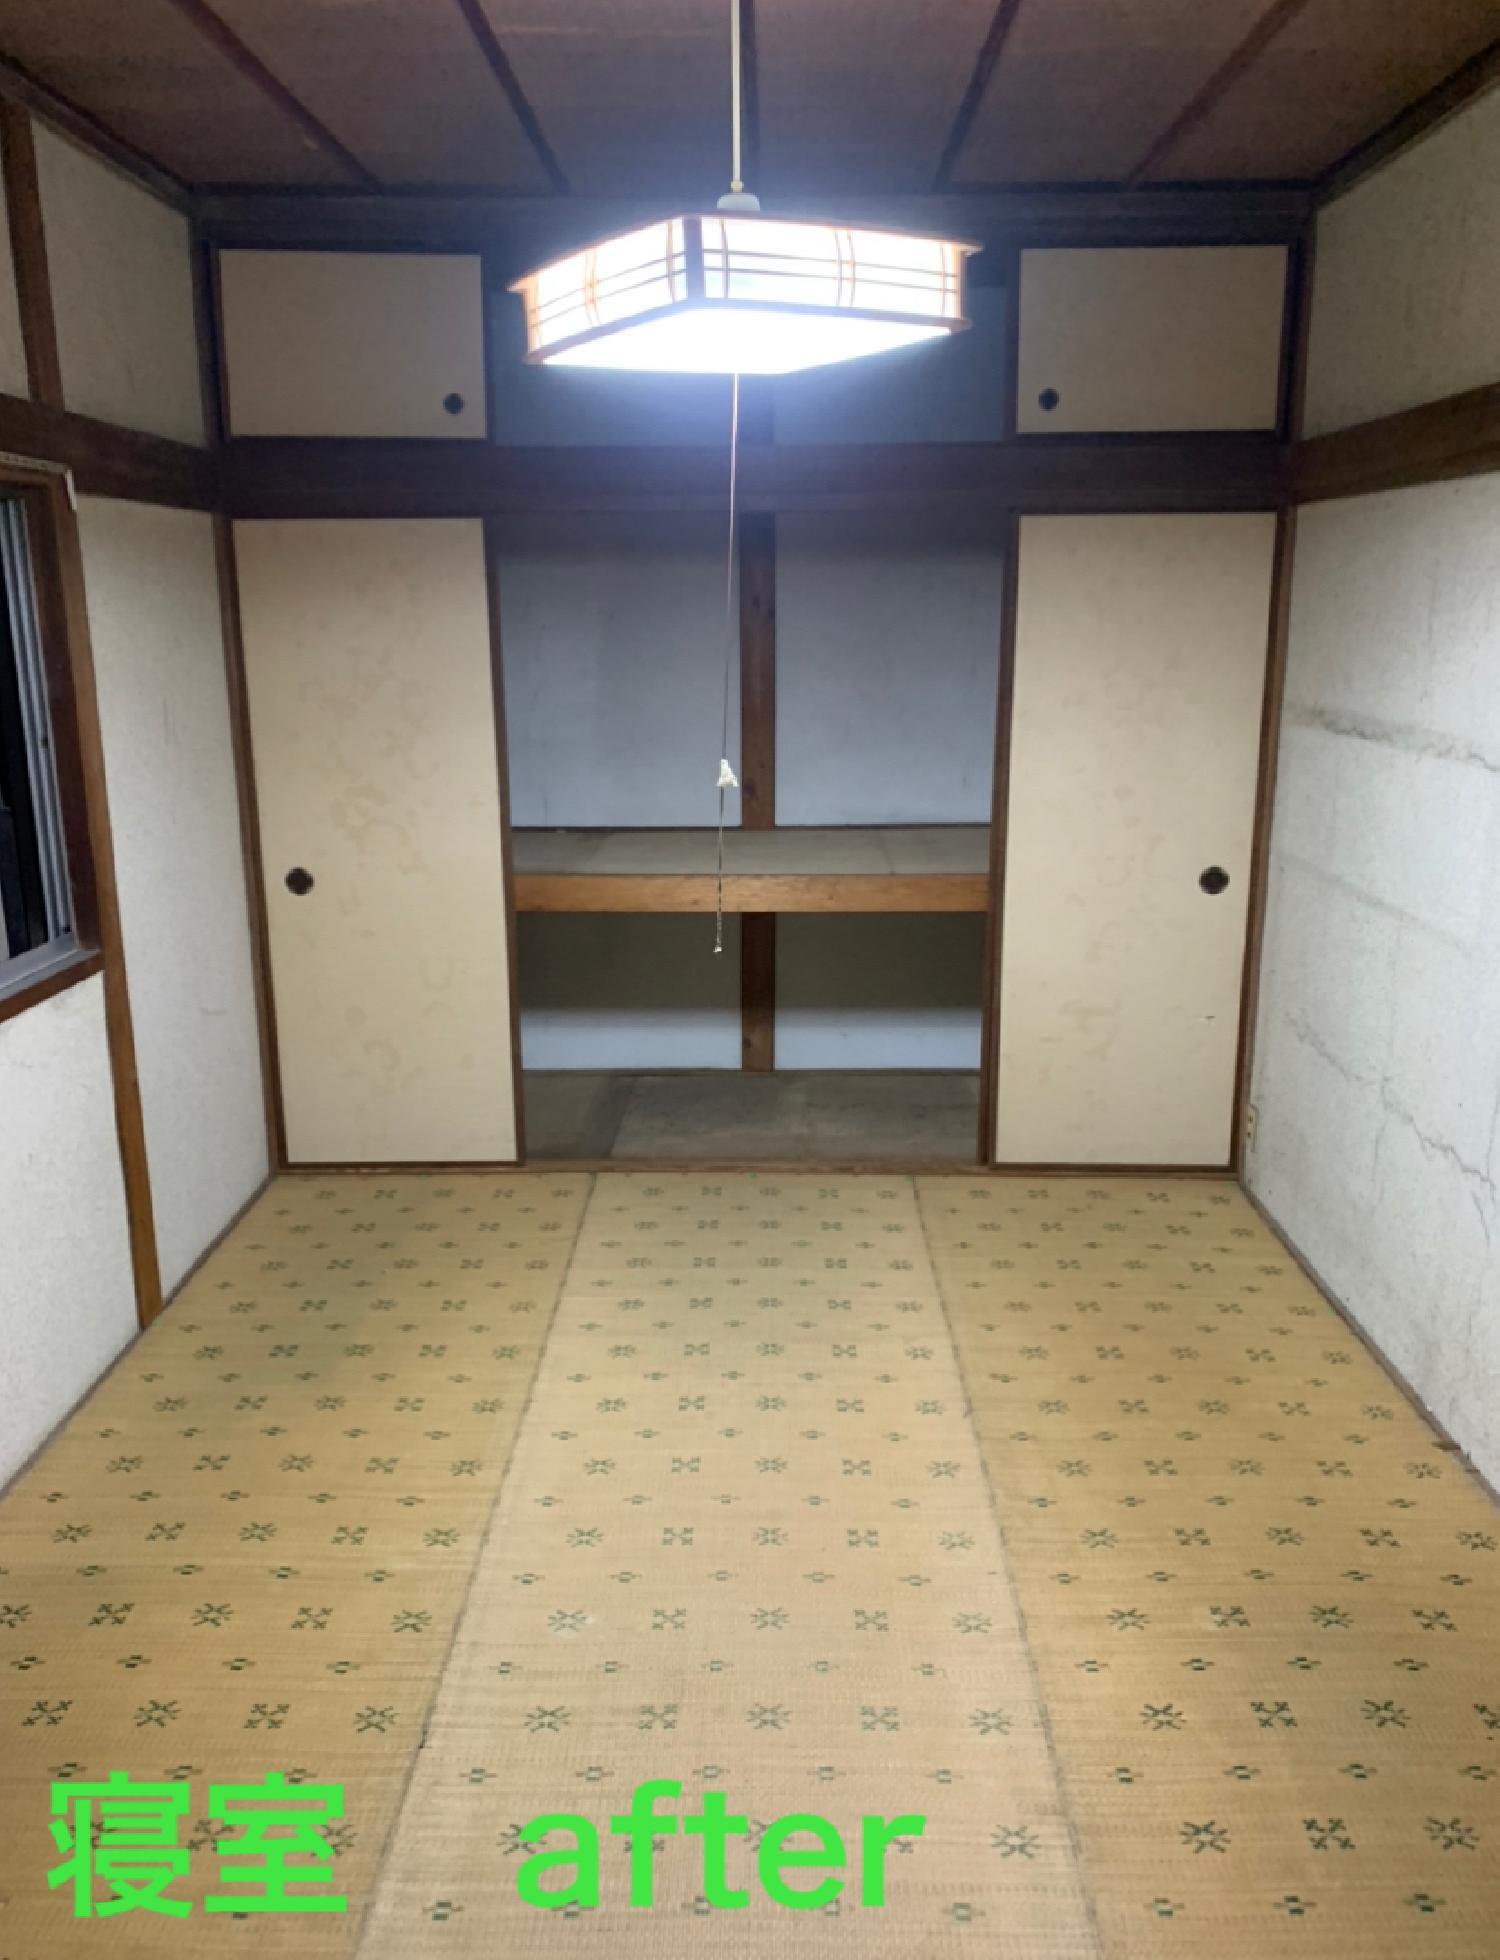 大阪府守口市のお客様より不用品回収のご依頼。 画像_6